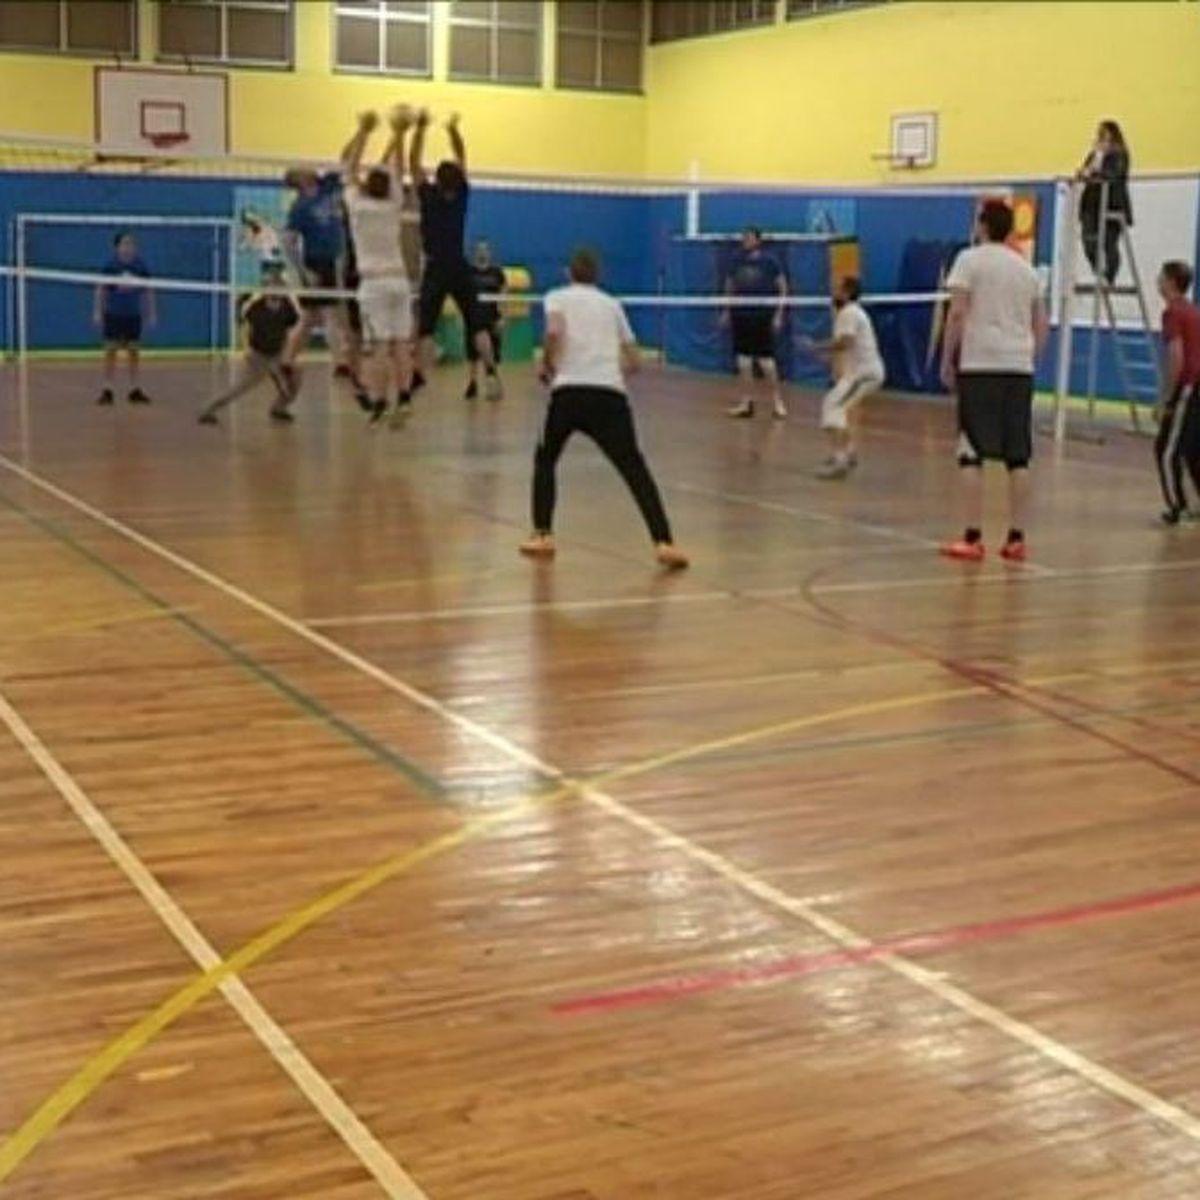 Le championnat de volley ball de Saint-Pierre reprend ses activités